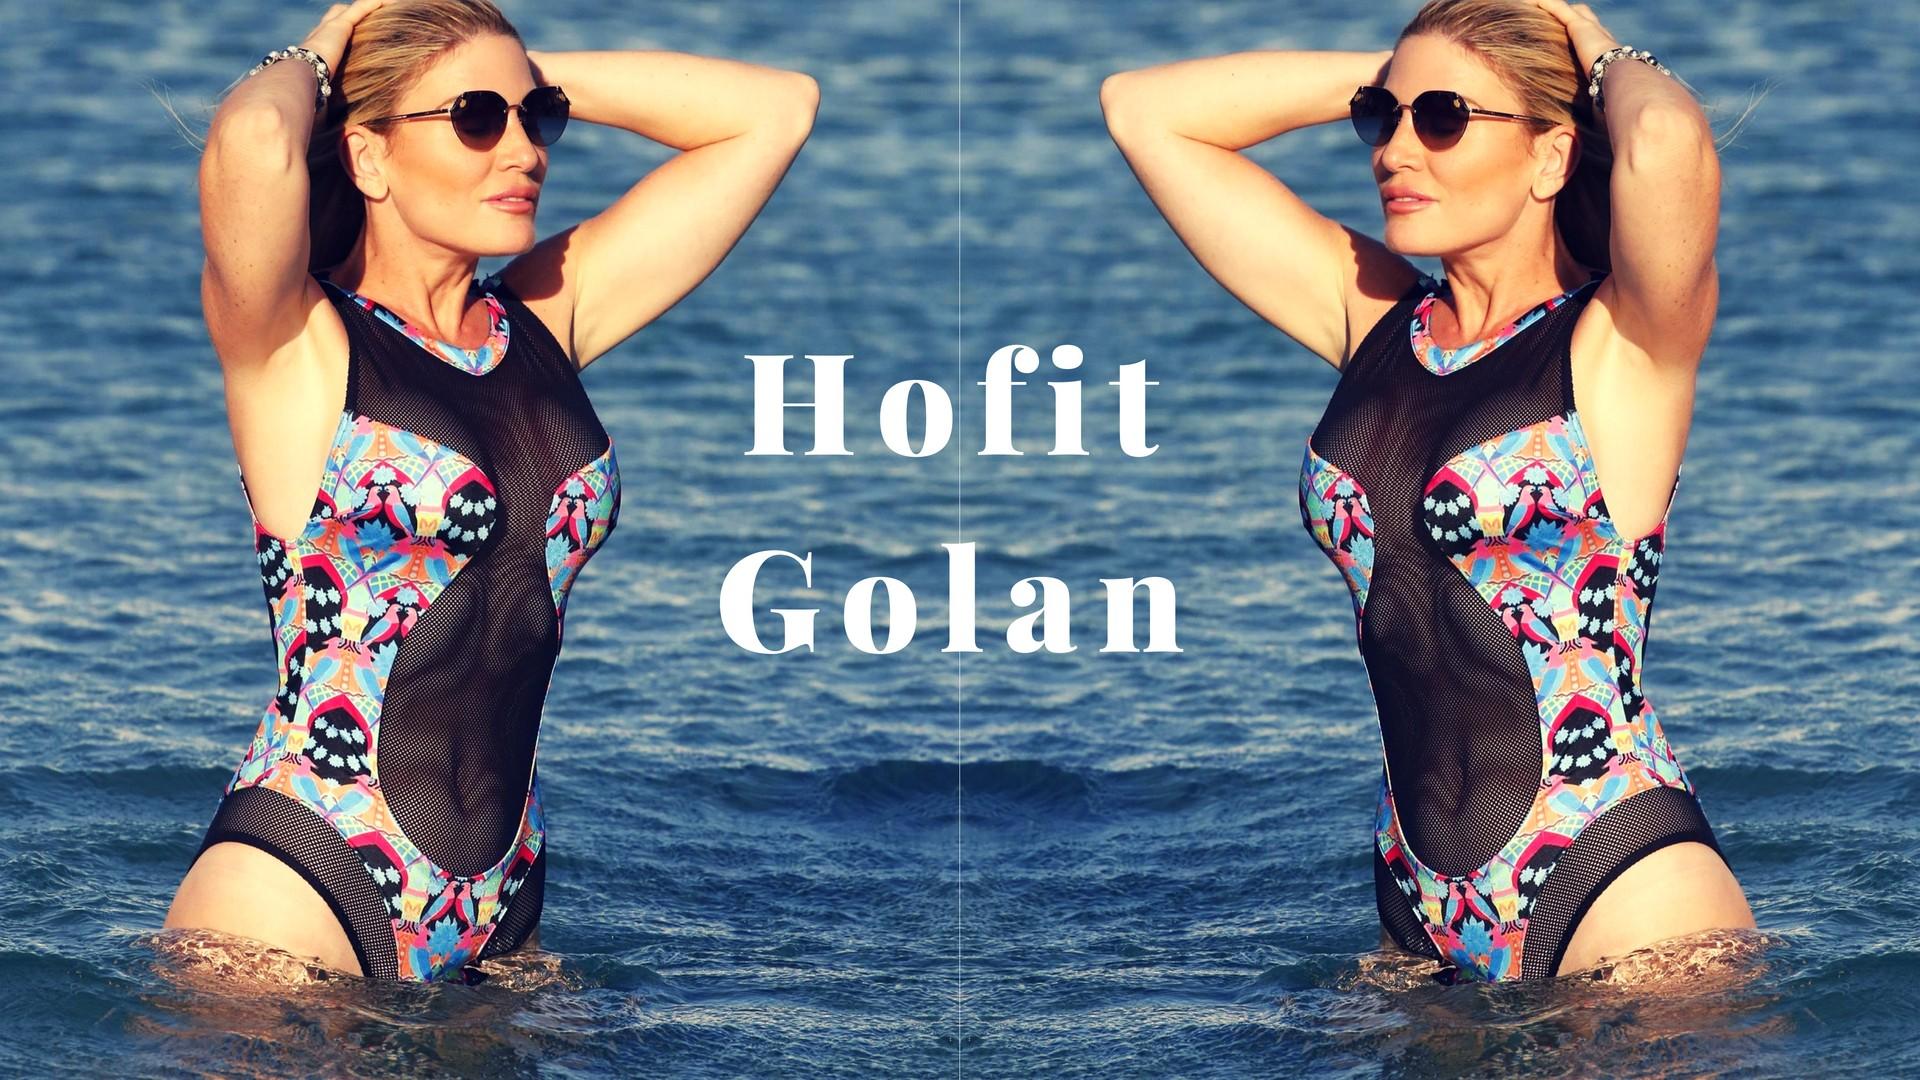 Hofit Golan - Sexy Bikini Pictures - Sexy Actress Pictures | Hot Actress Pictures - ActressSnaps.com